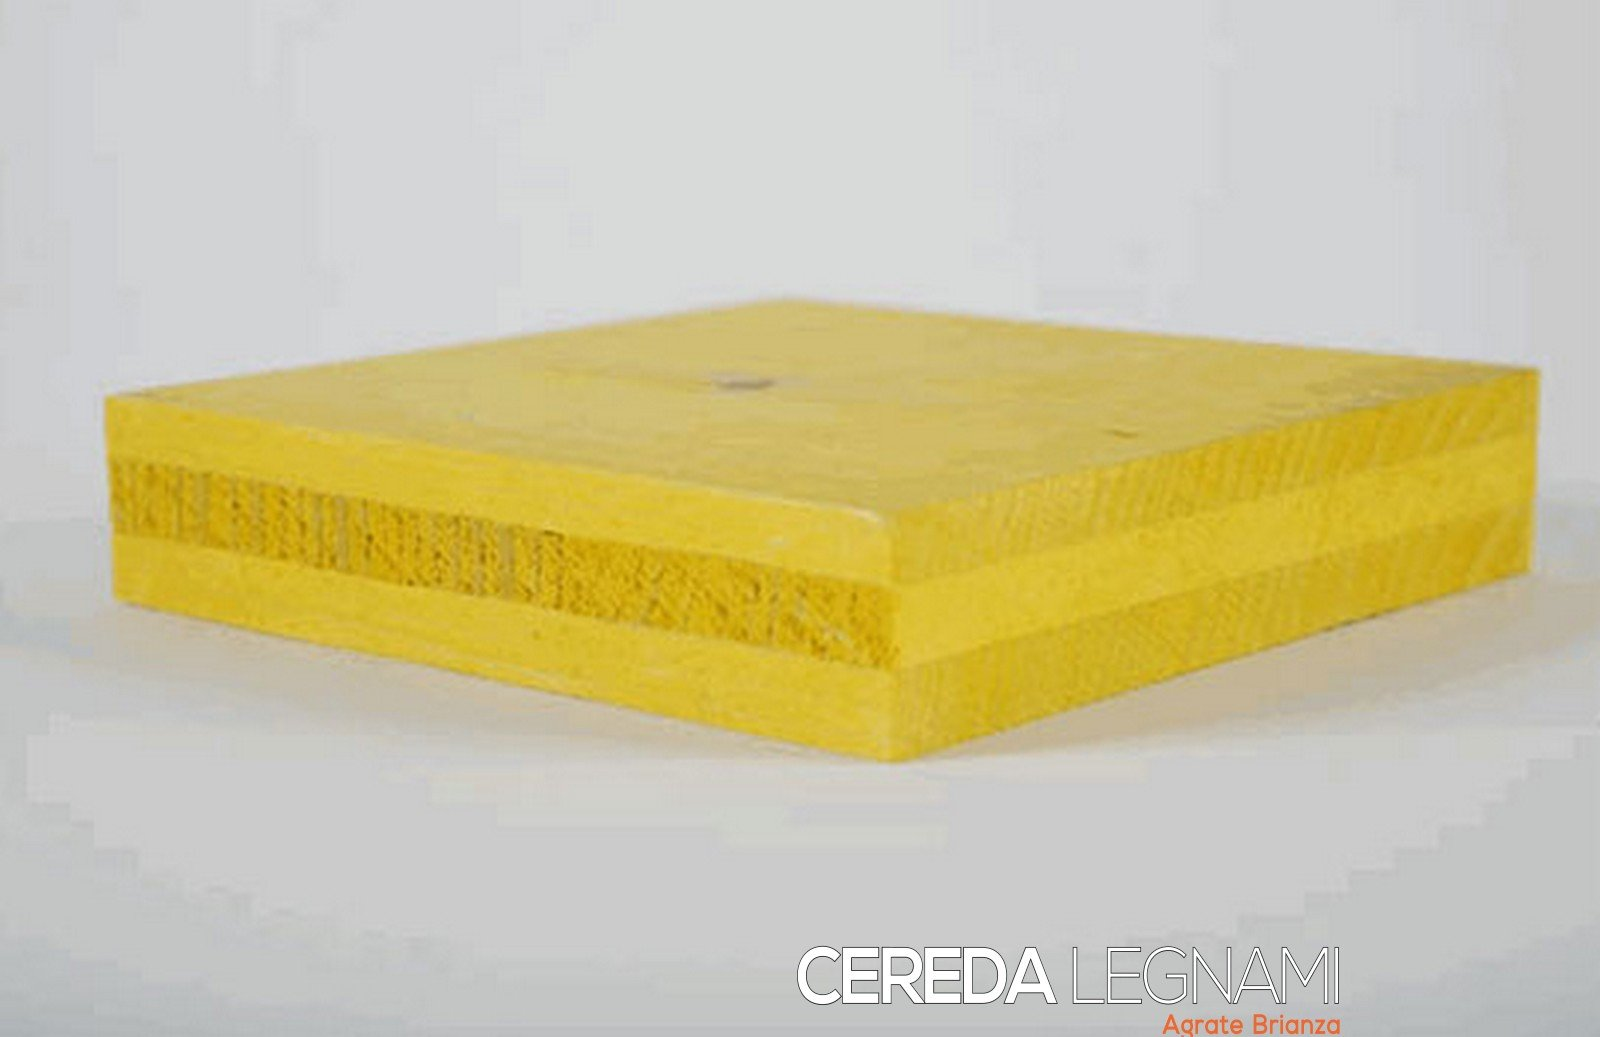 Pannelli armatura cereda legnami agrate brianza - Pannelli gialli tavole armatura ...